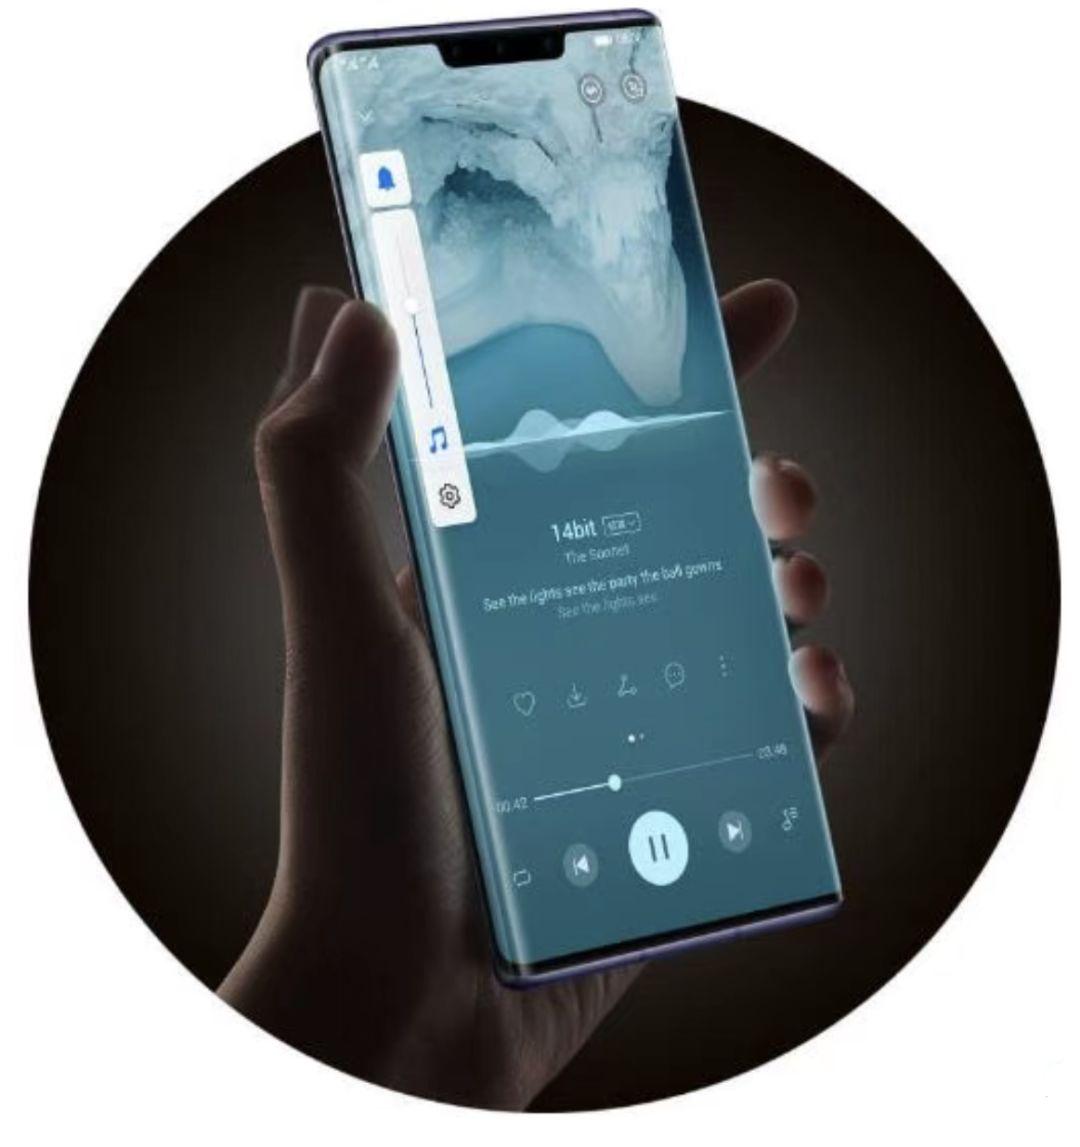 【技术帖】后全面屏时代的边框变革,从侧边压感触觉反馈开始!